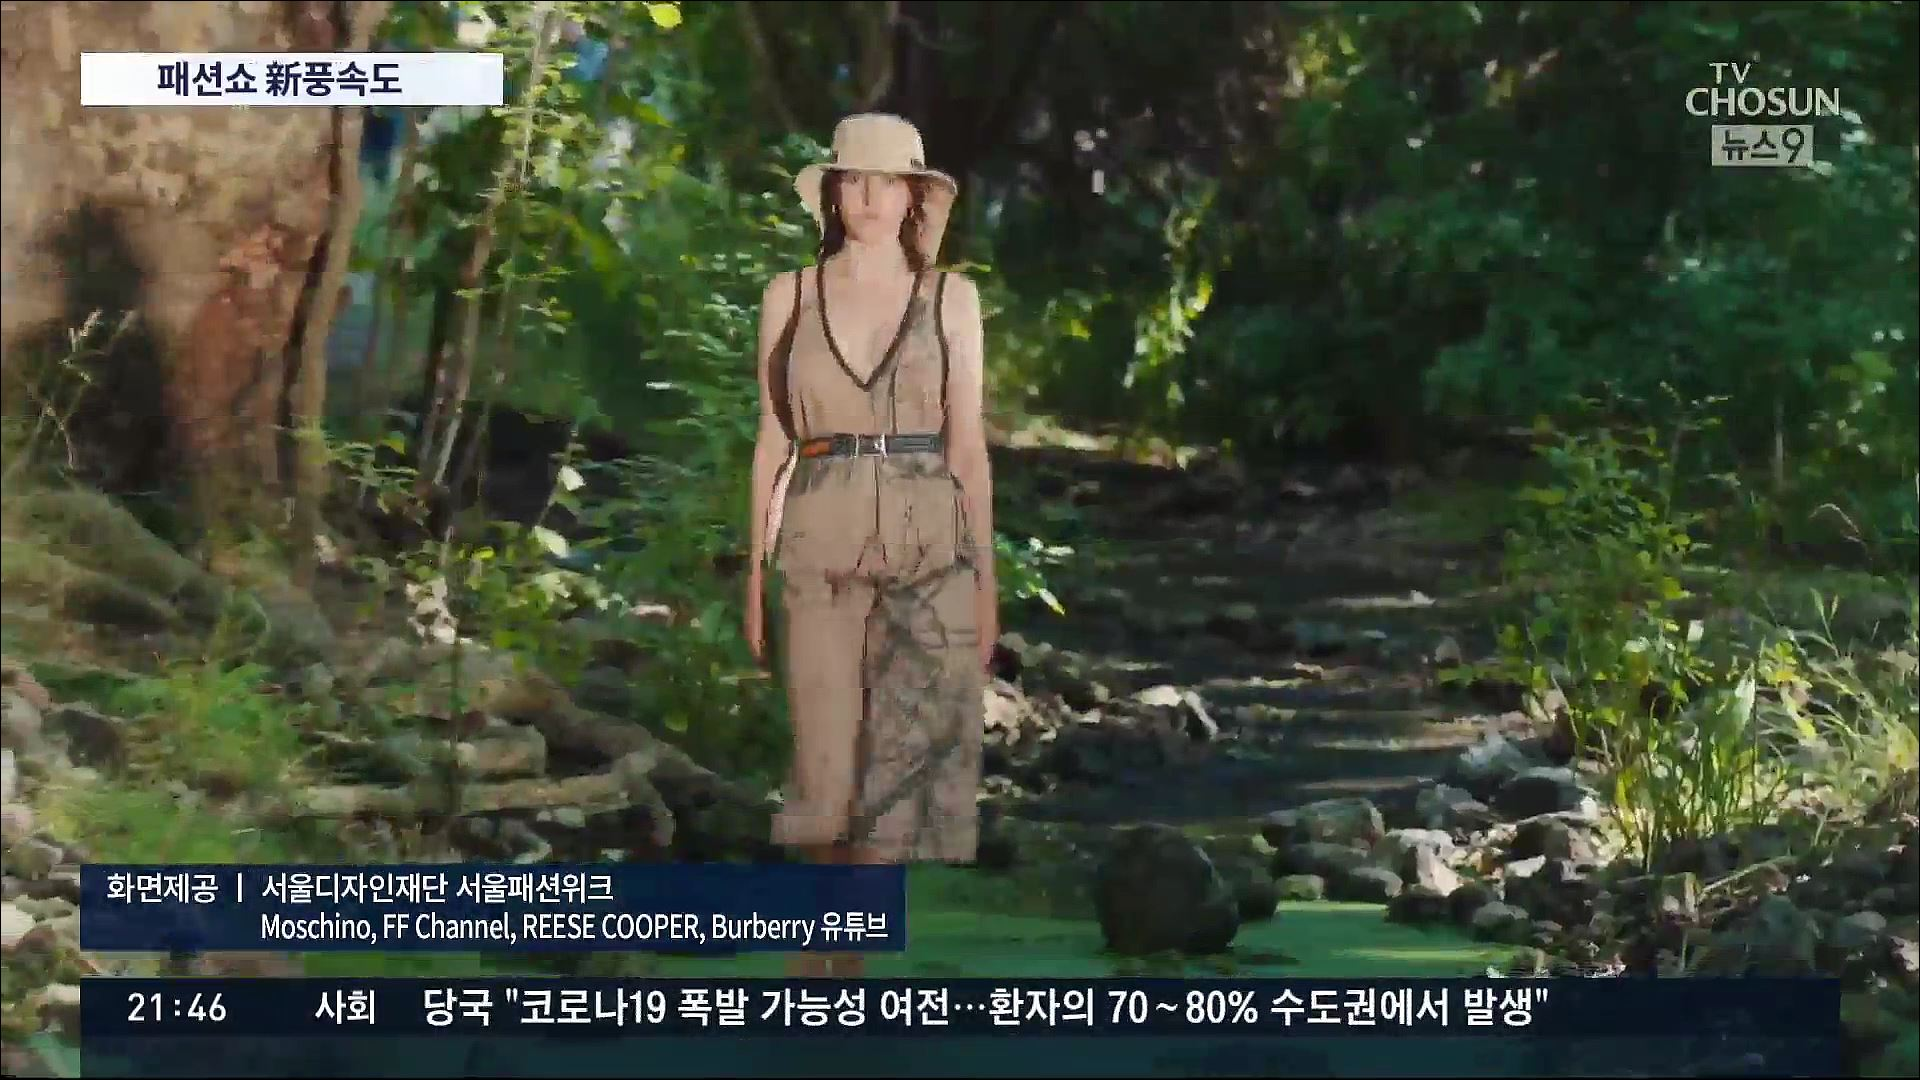 숲속 런웨이에 인형이 모델…코로나가 바꿔놓은 패션쇼